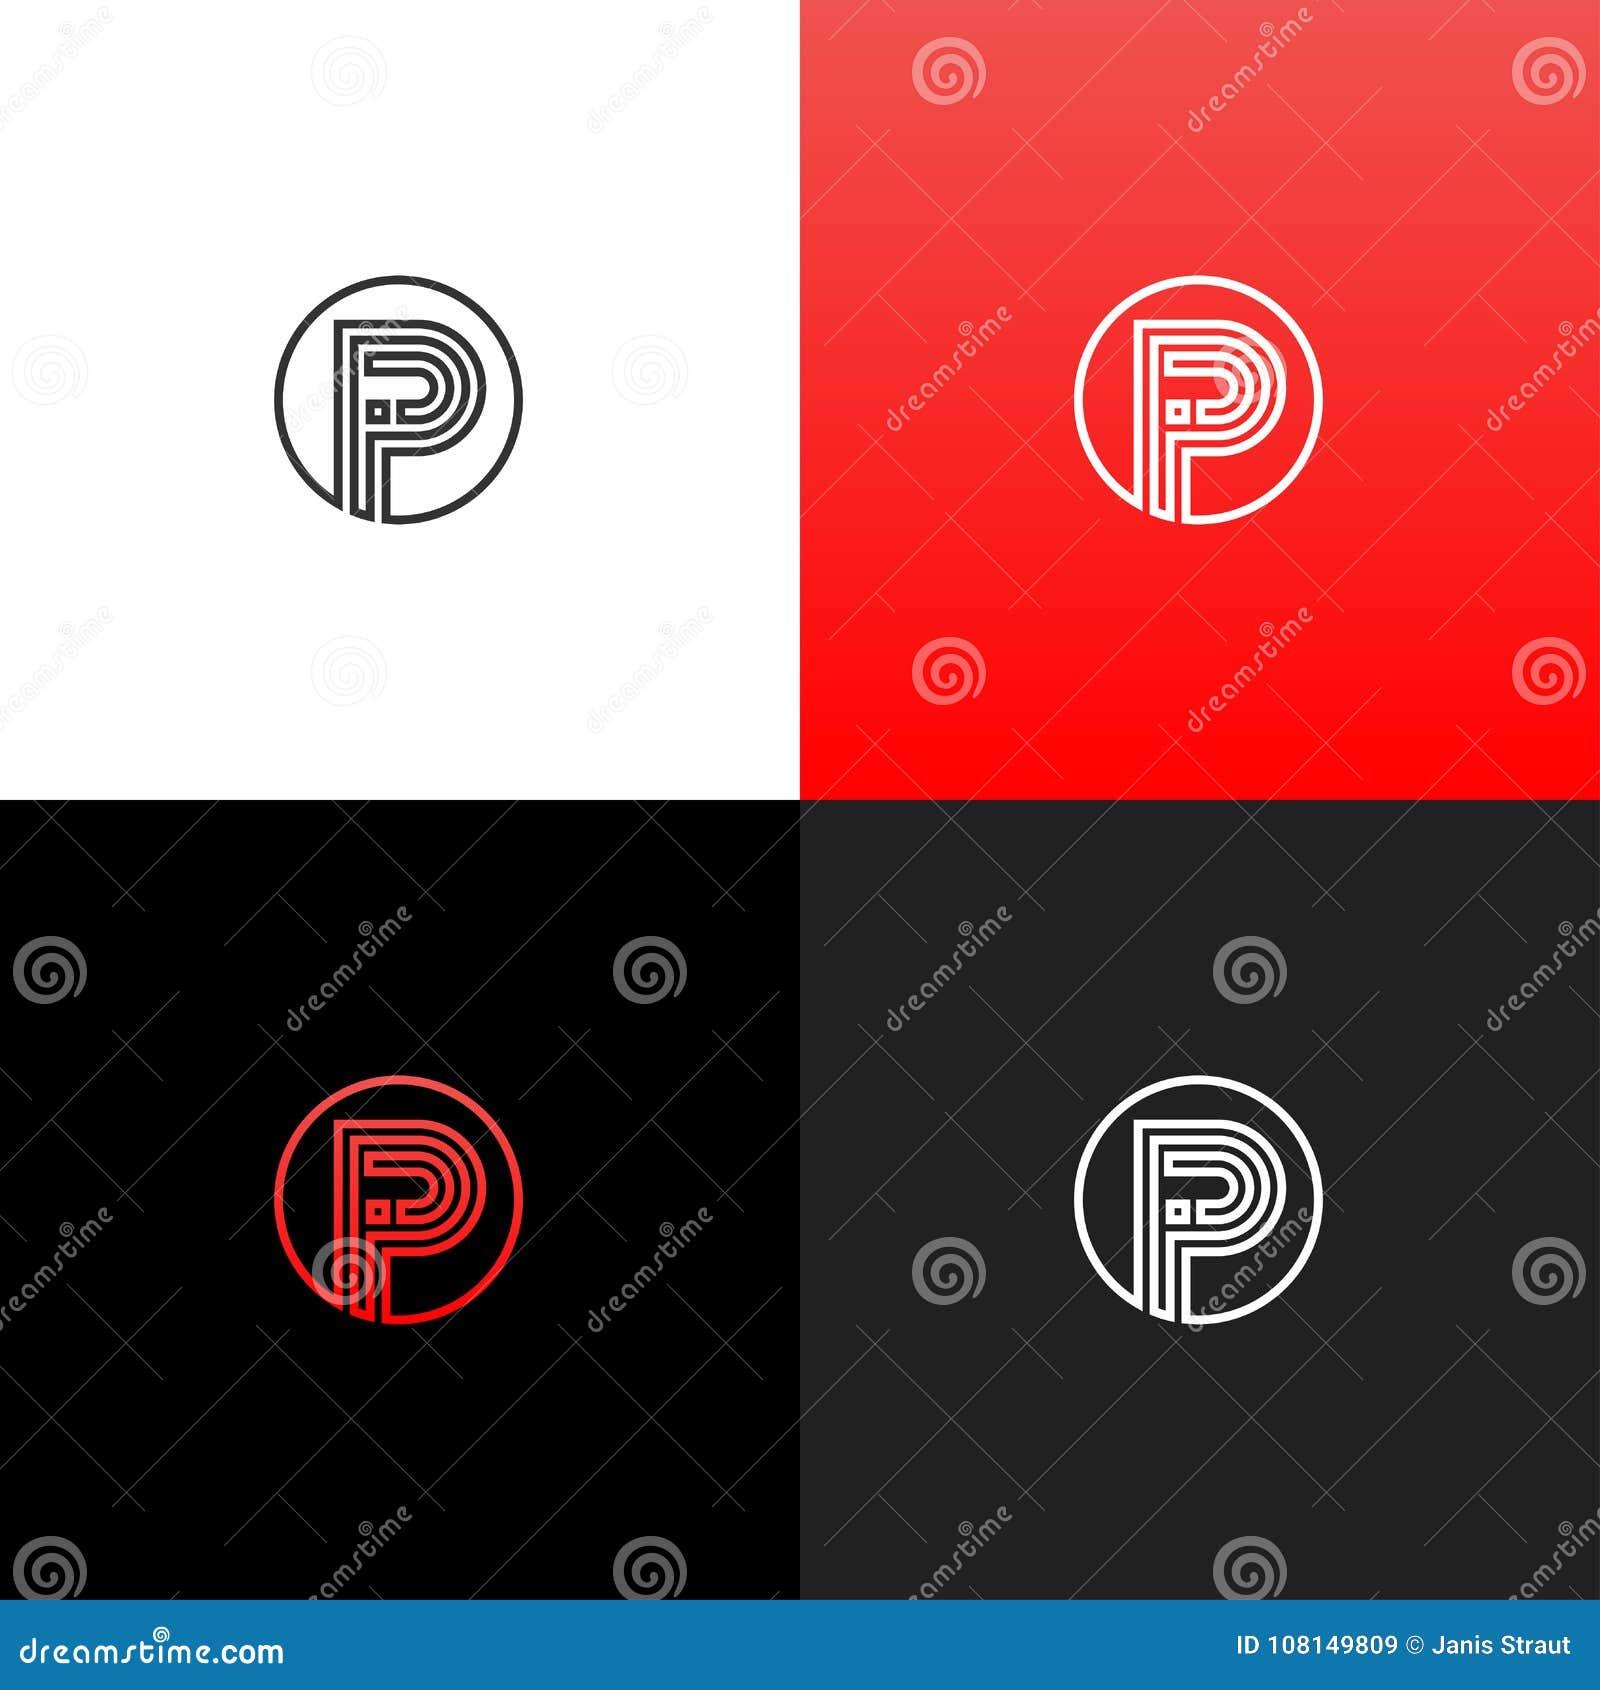 Alinea el logotipo P en círculo Logotipo linear de la letra p para las compañías y las marcas con una pendiente roja